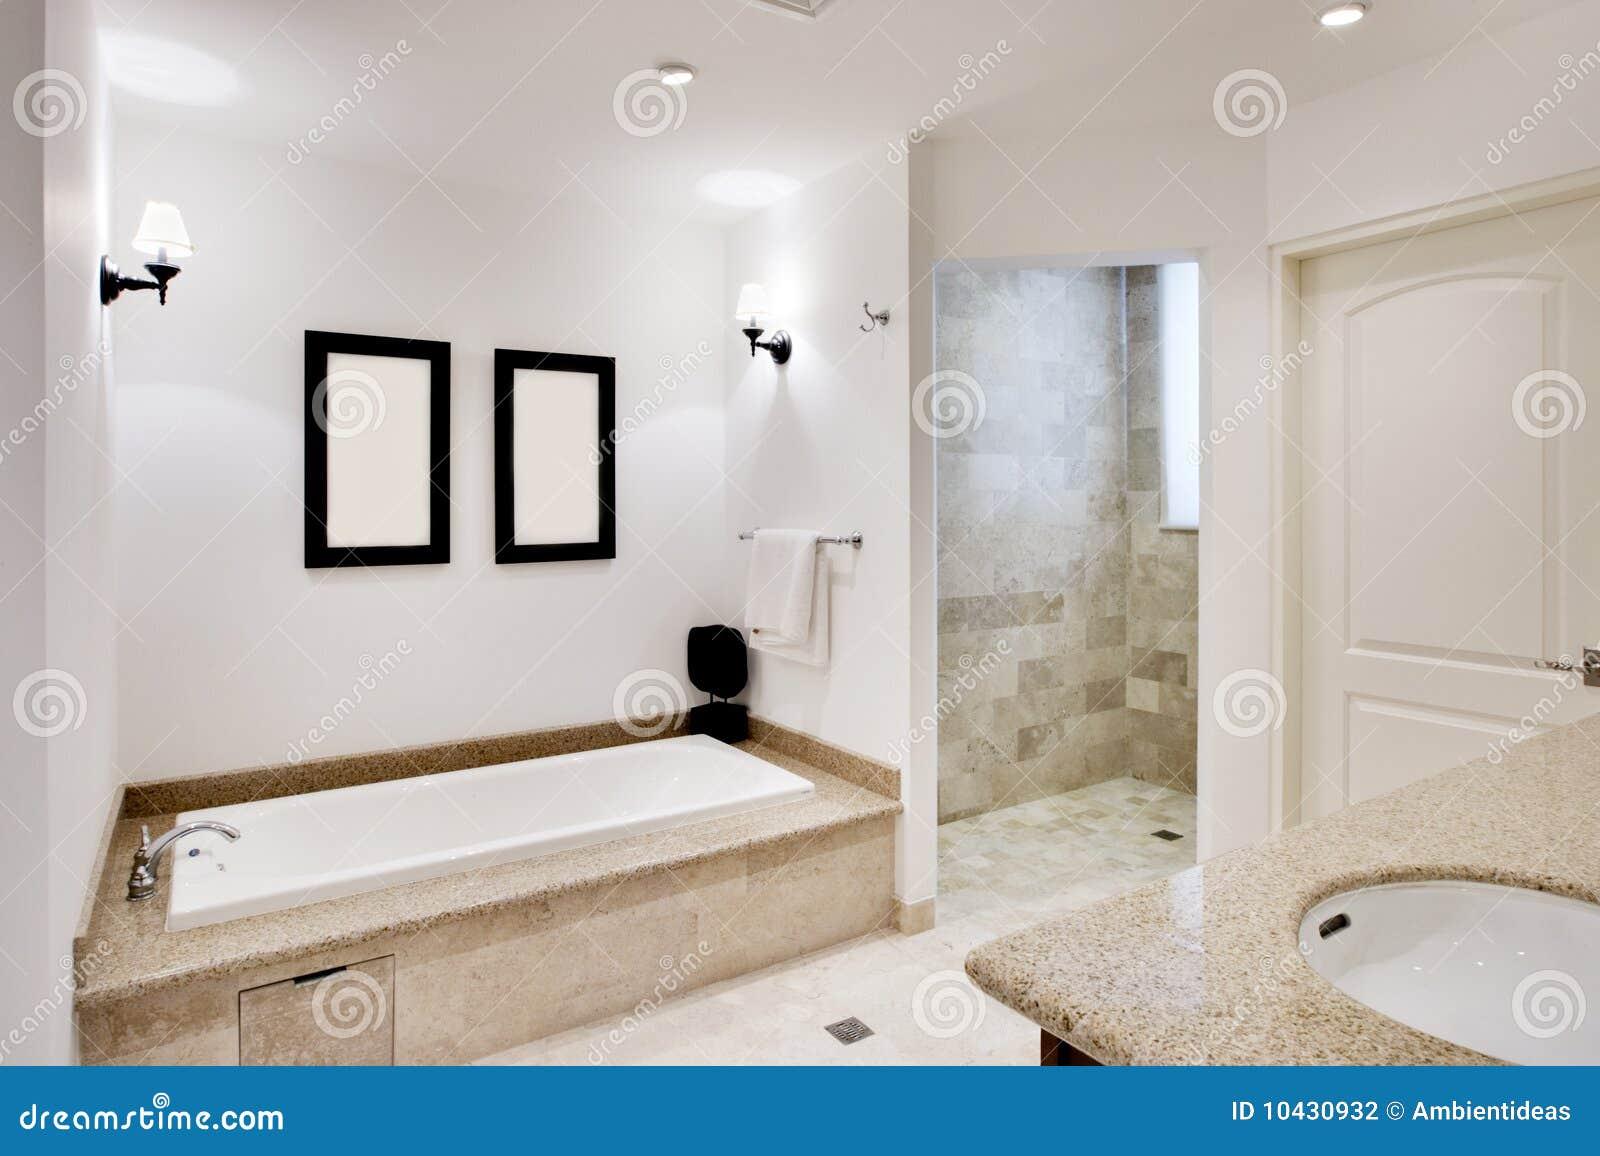 Cuarto de ba o con la tina y la ducha fotograf a de for Banos con ducha y tina